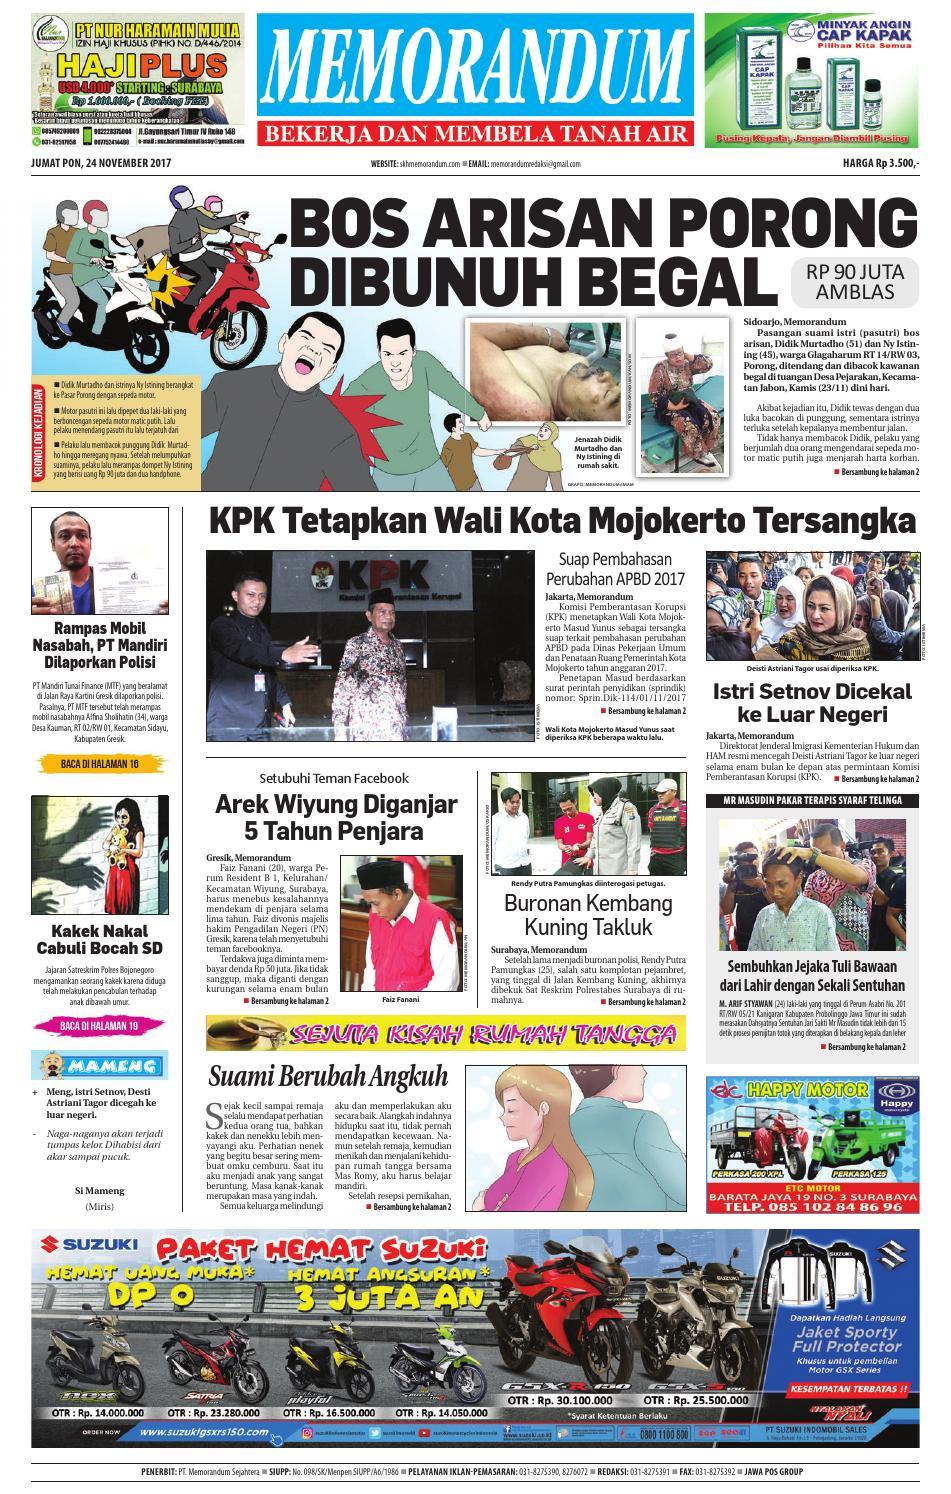 Memorandum Edisi 06 April 2017 By Issuu Produk Ukm Bumn Jamu Instan Abah Aromahtrenggalek 24 November